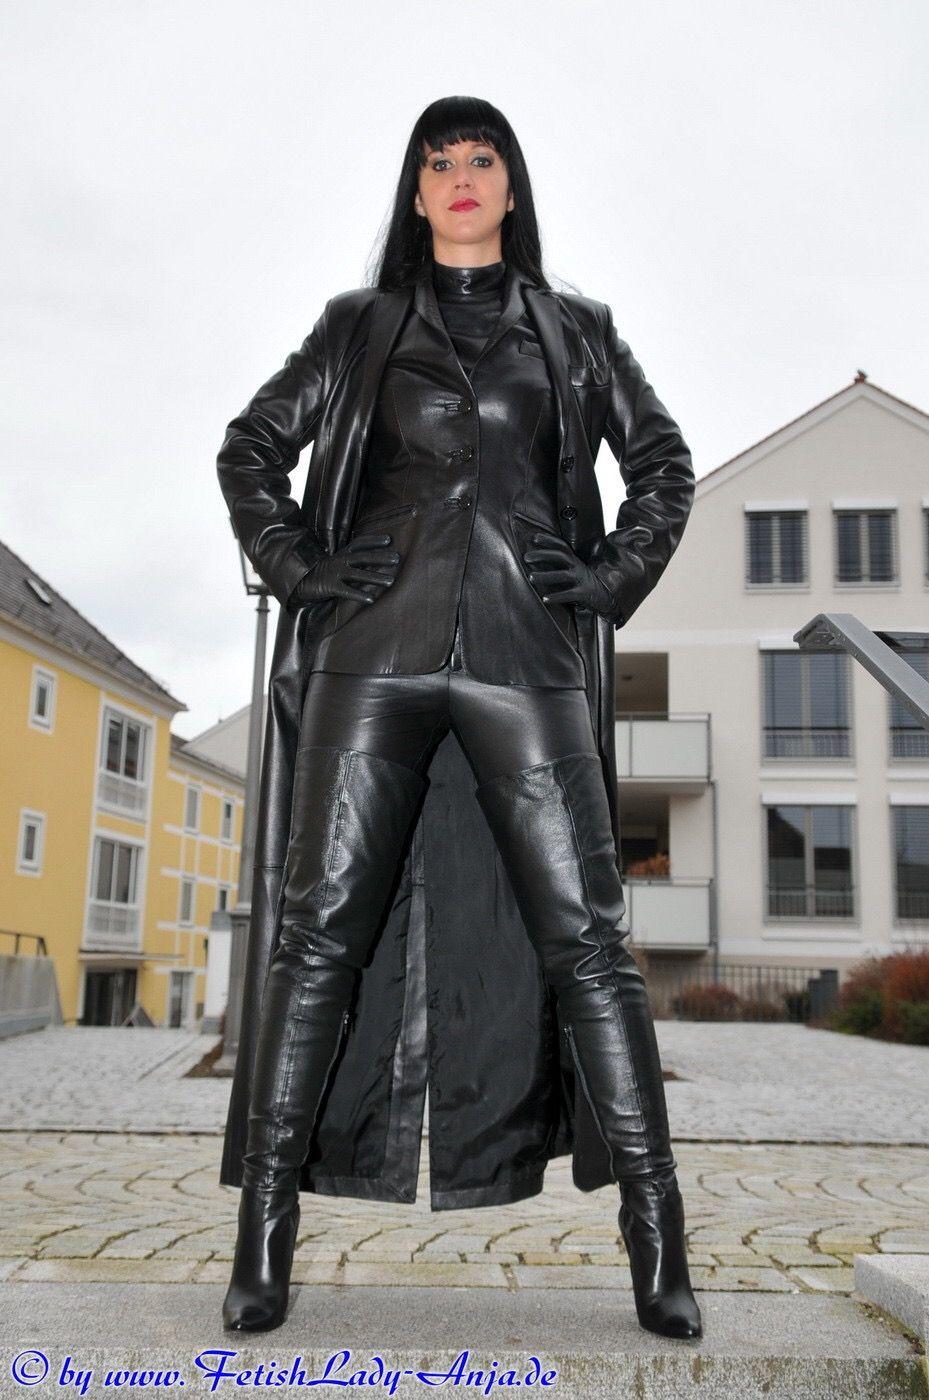 Fetish Fashion Clothing Love Bondage Leather Fetish Wear Tailor Made Outfits